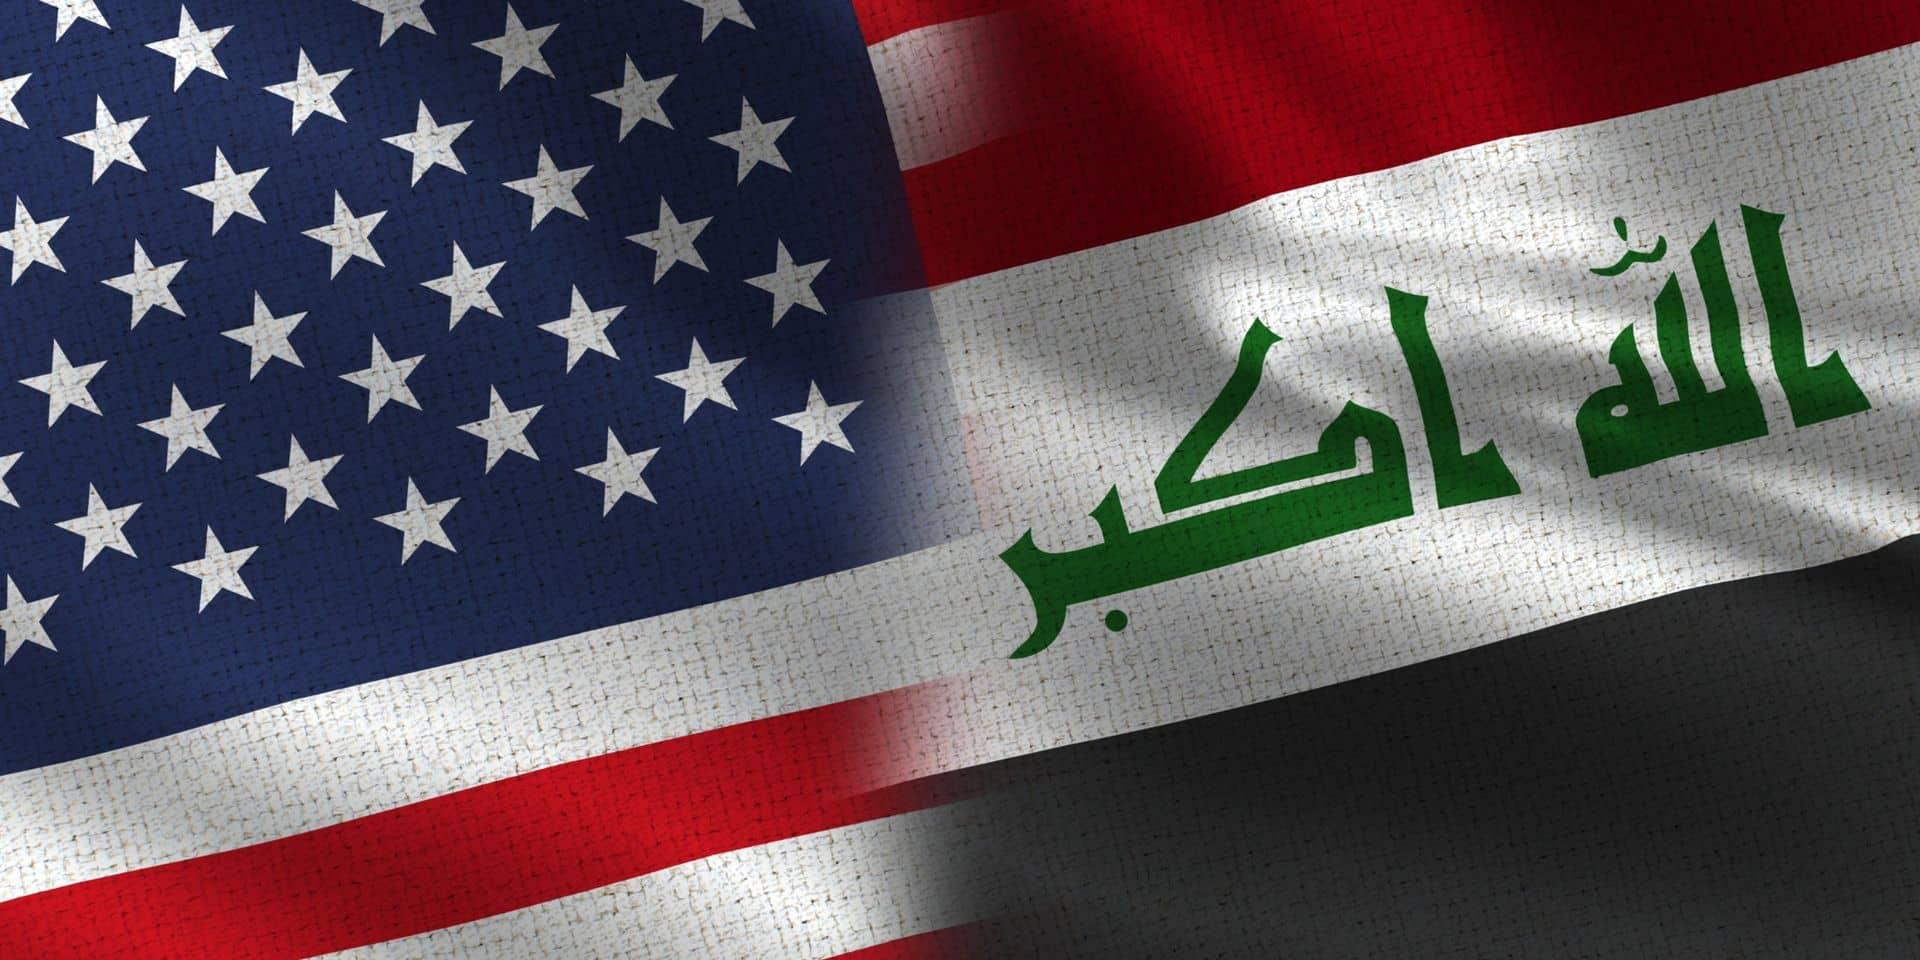 Tir de roquettes près d'une base abritant des troupes américaines en Irak